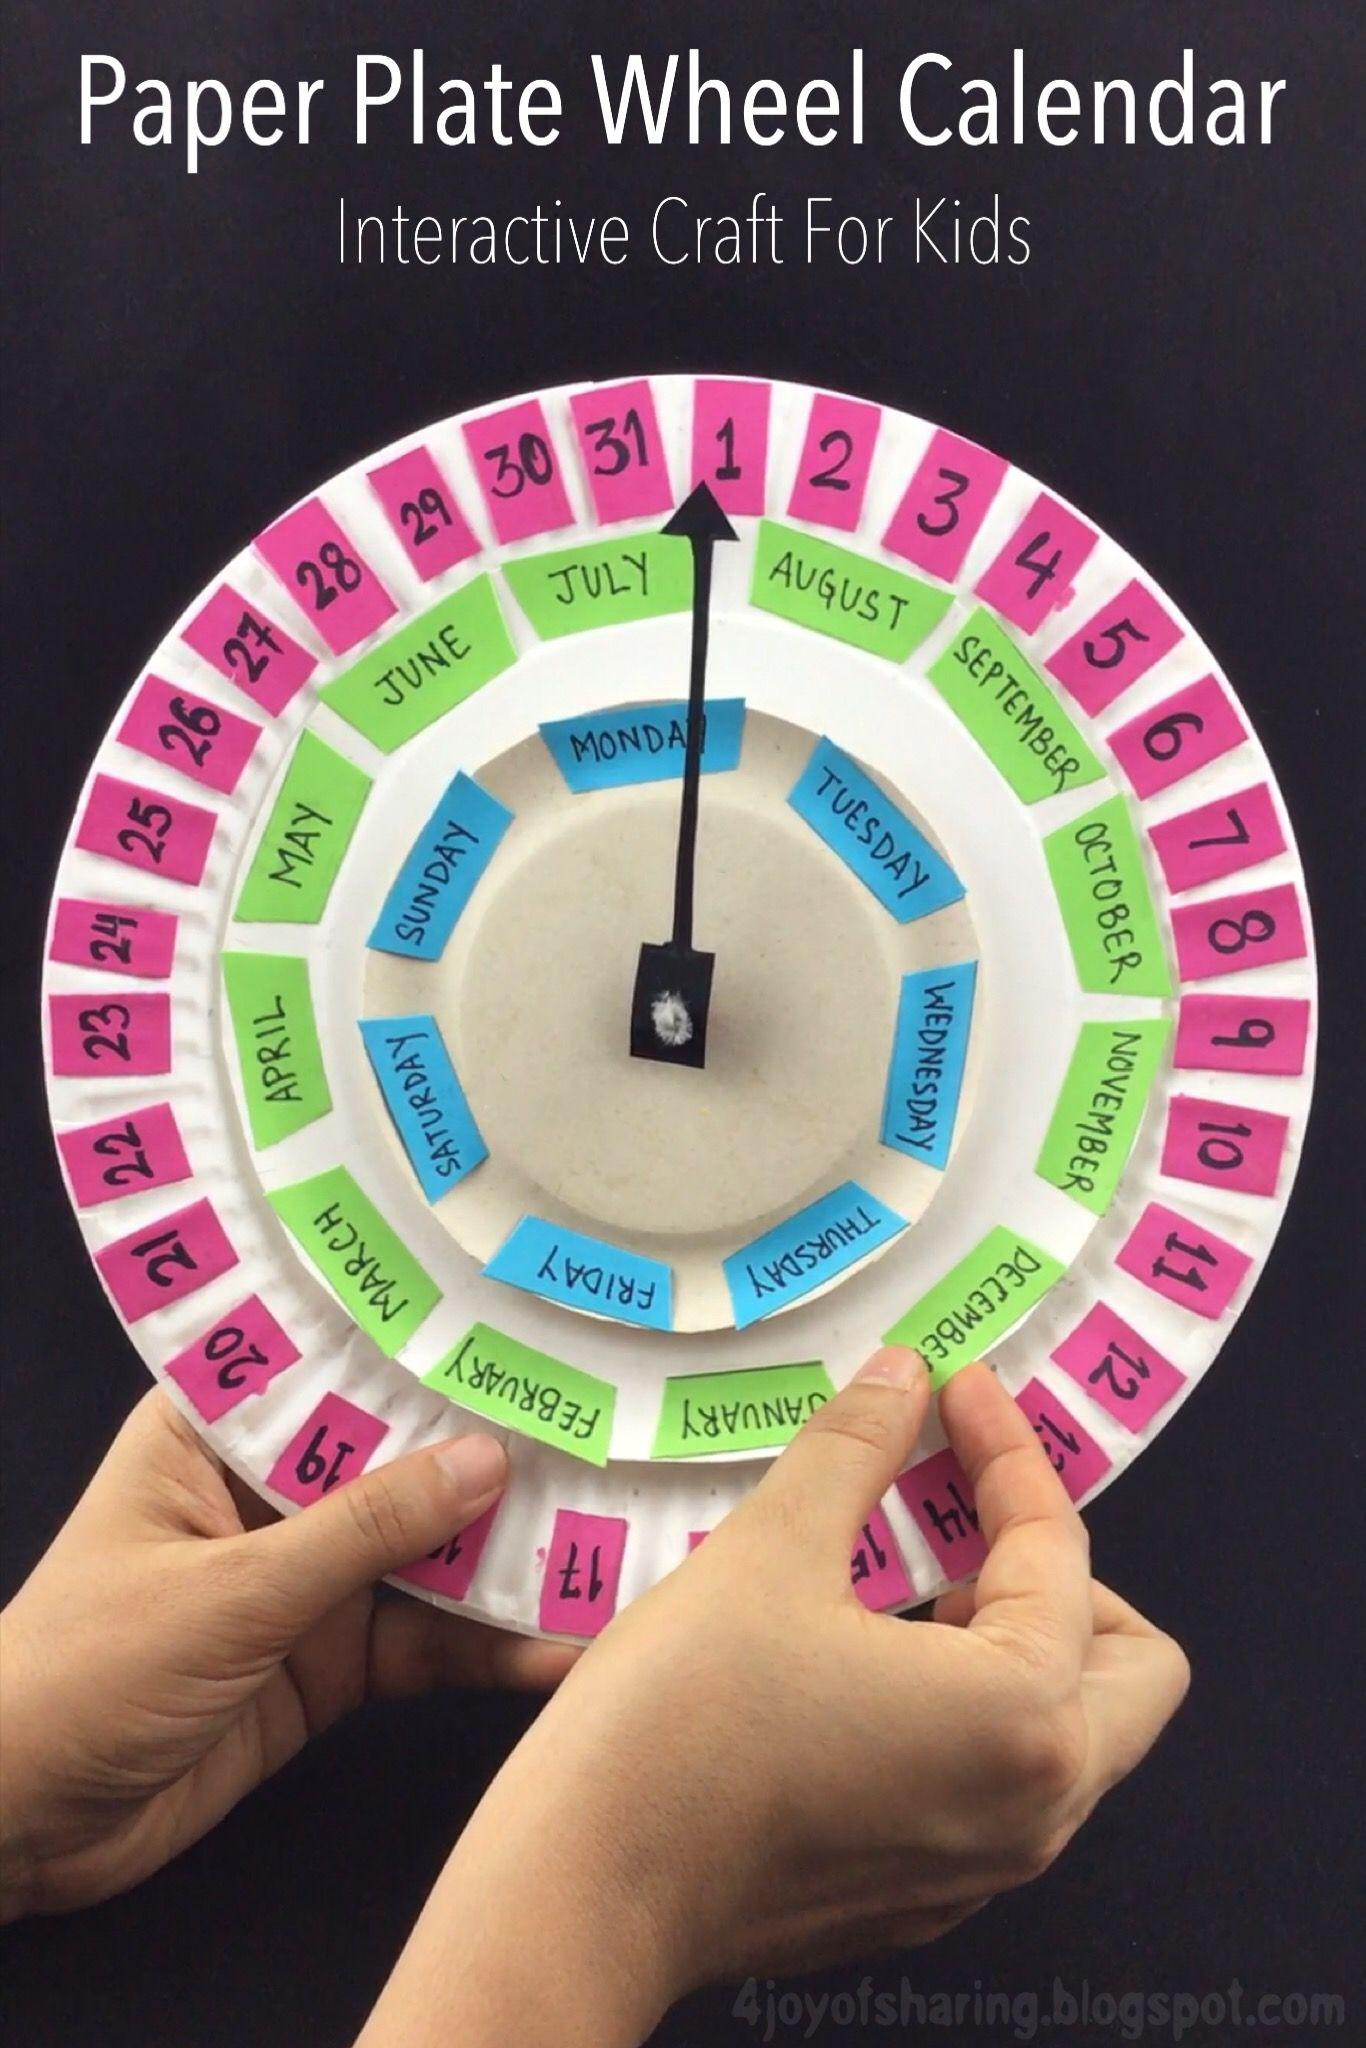 Paper Plate Wheel Calendar